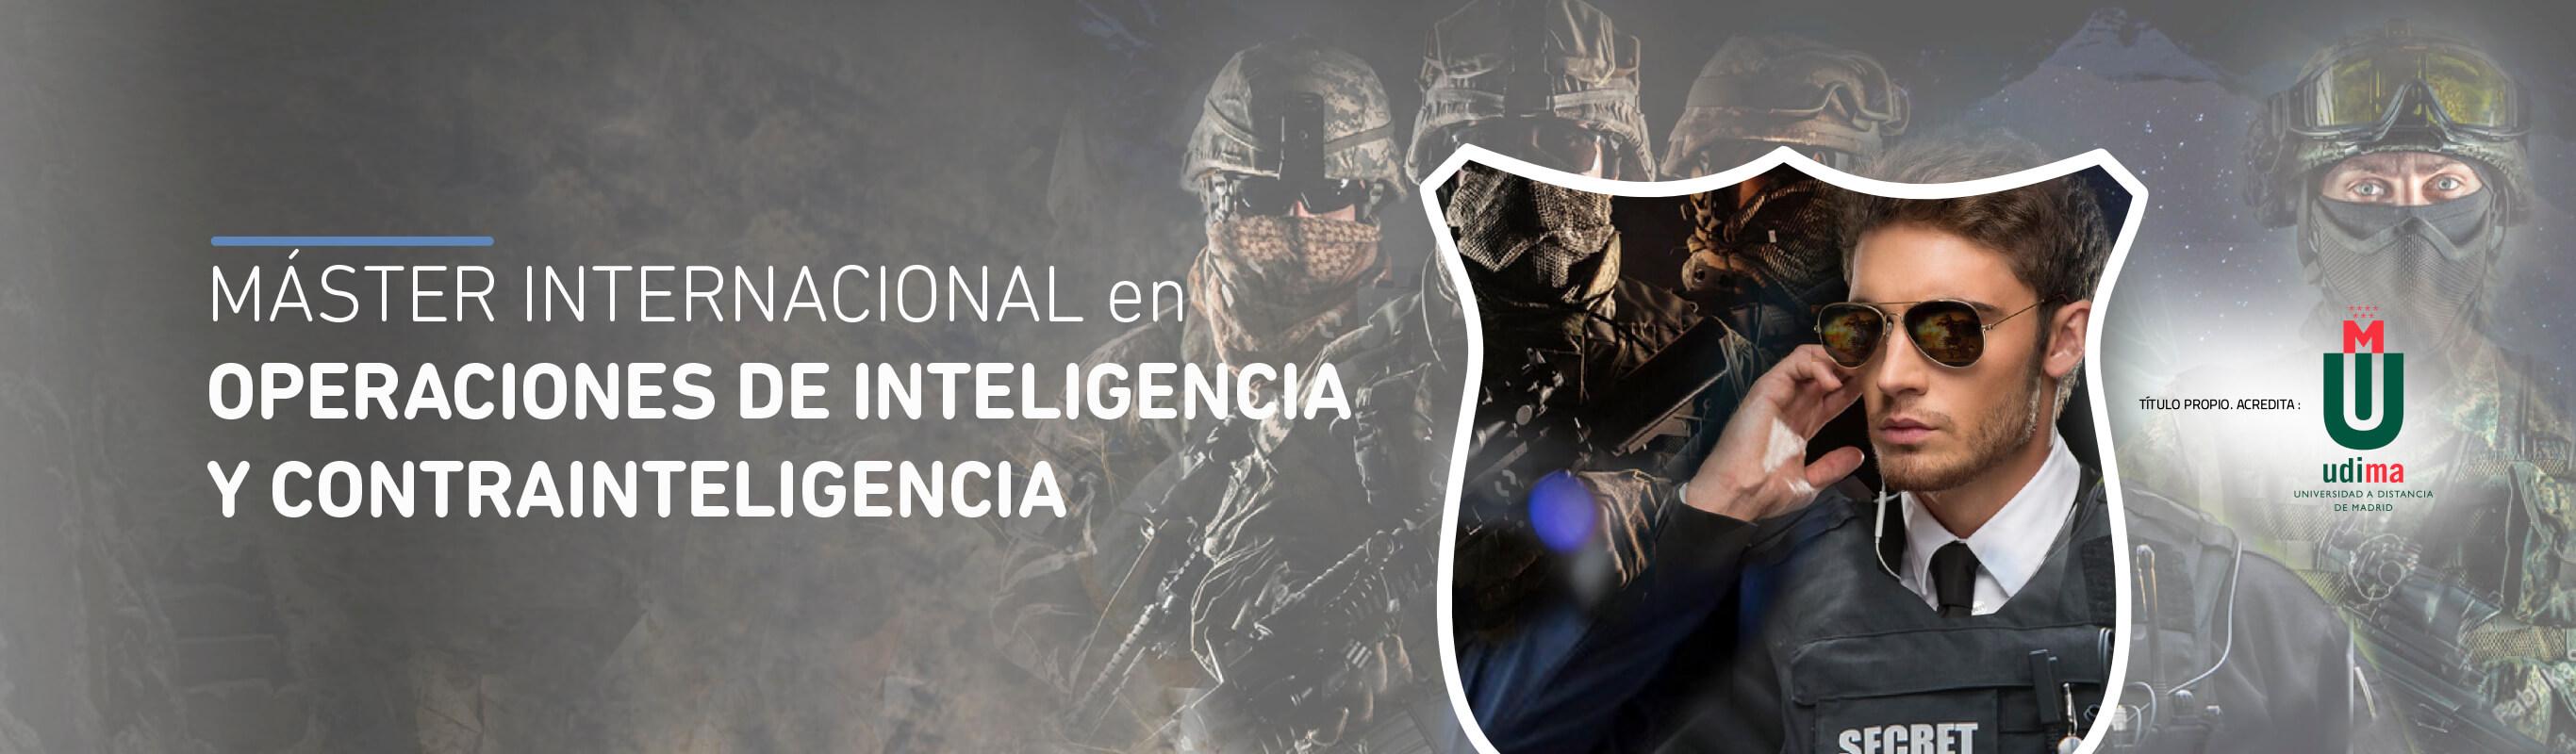 Máster Internacional en Operaciones de Inteligencia y Contrainteligencia. VIII Ed.